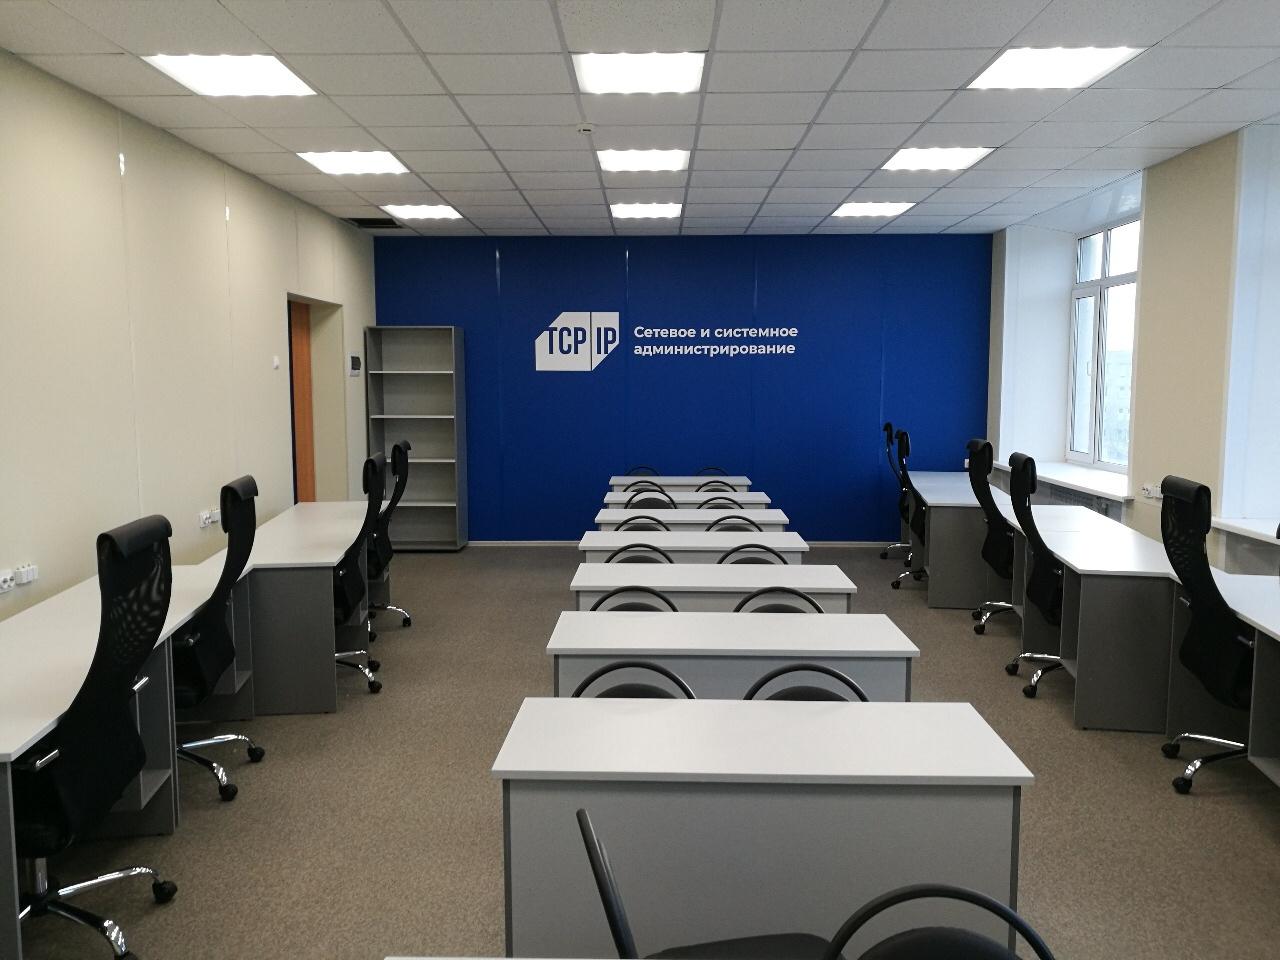 Студенты Рыбинского полиграфического колледжа смогут осваивать программирование на самой современной технике